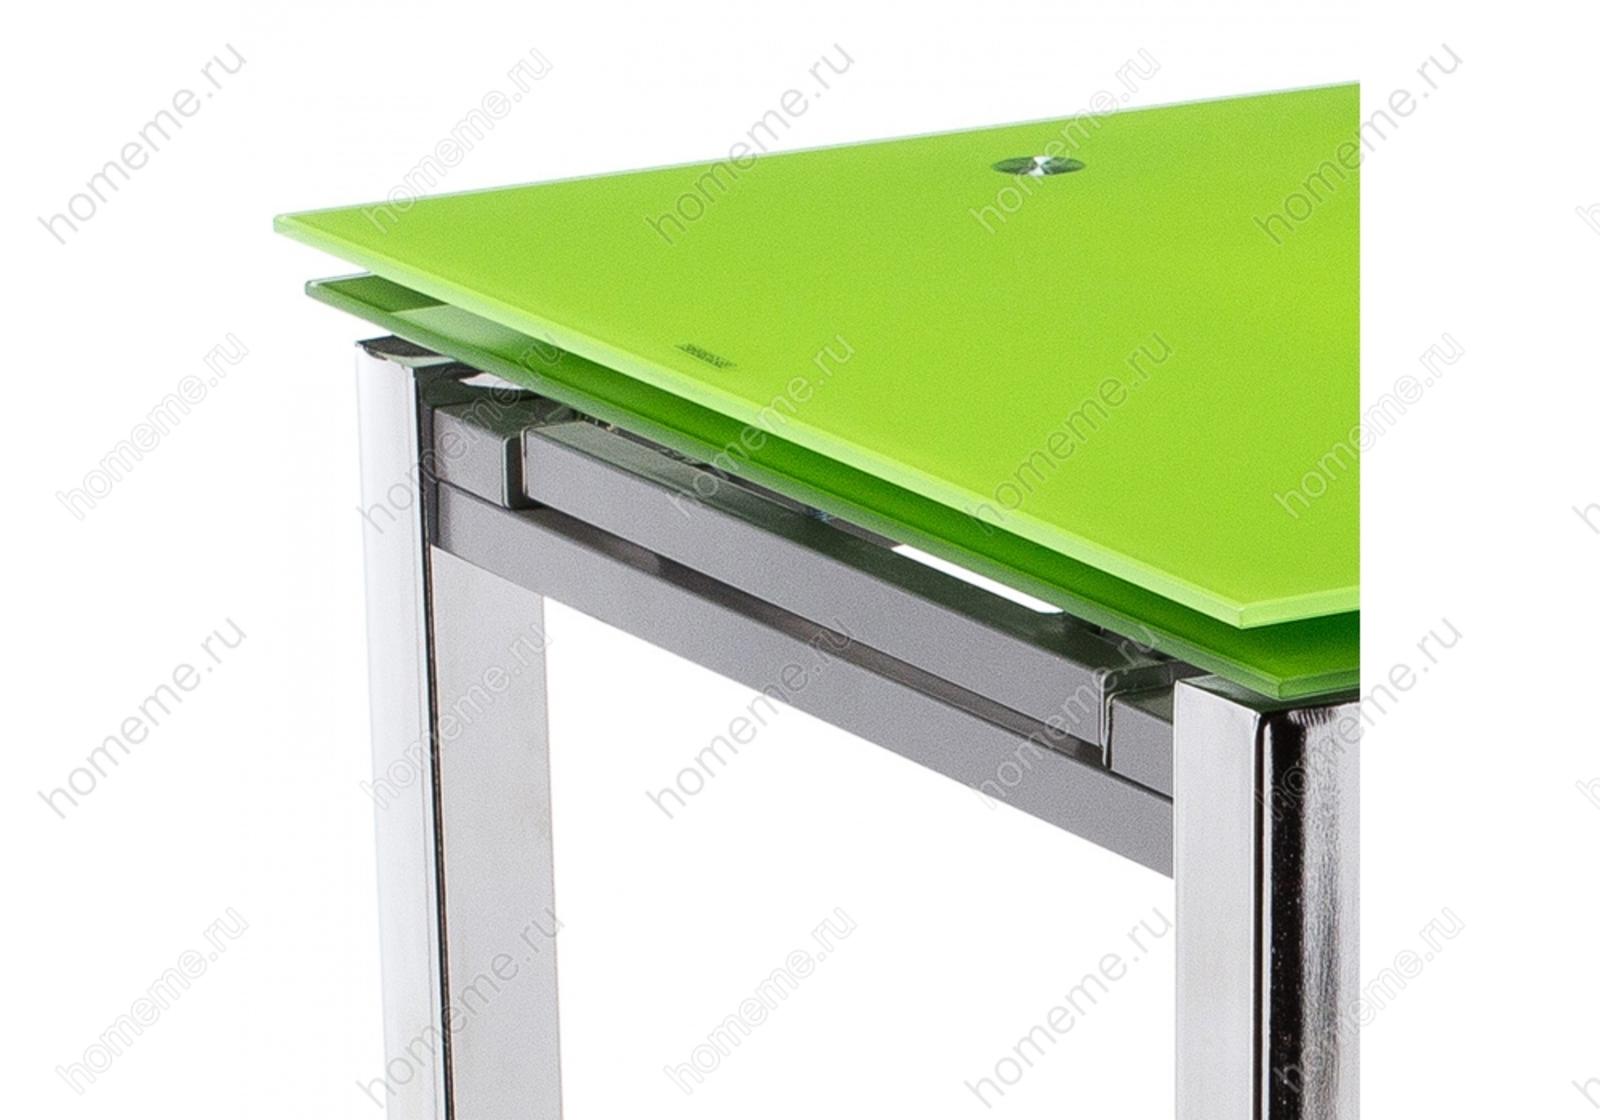 Стол стеклянный Kvadro зеленый (1527)